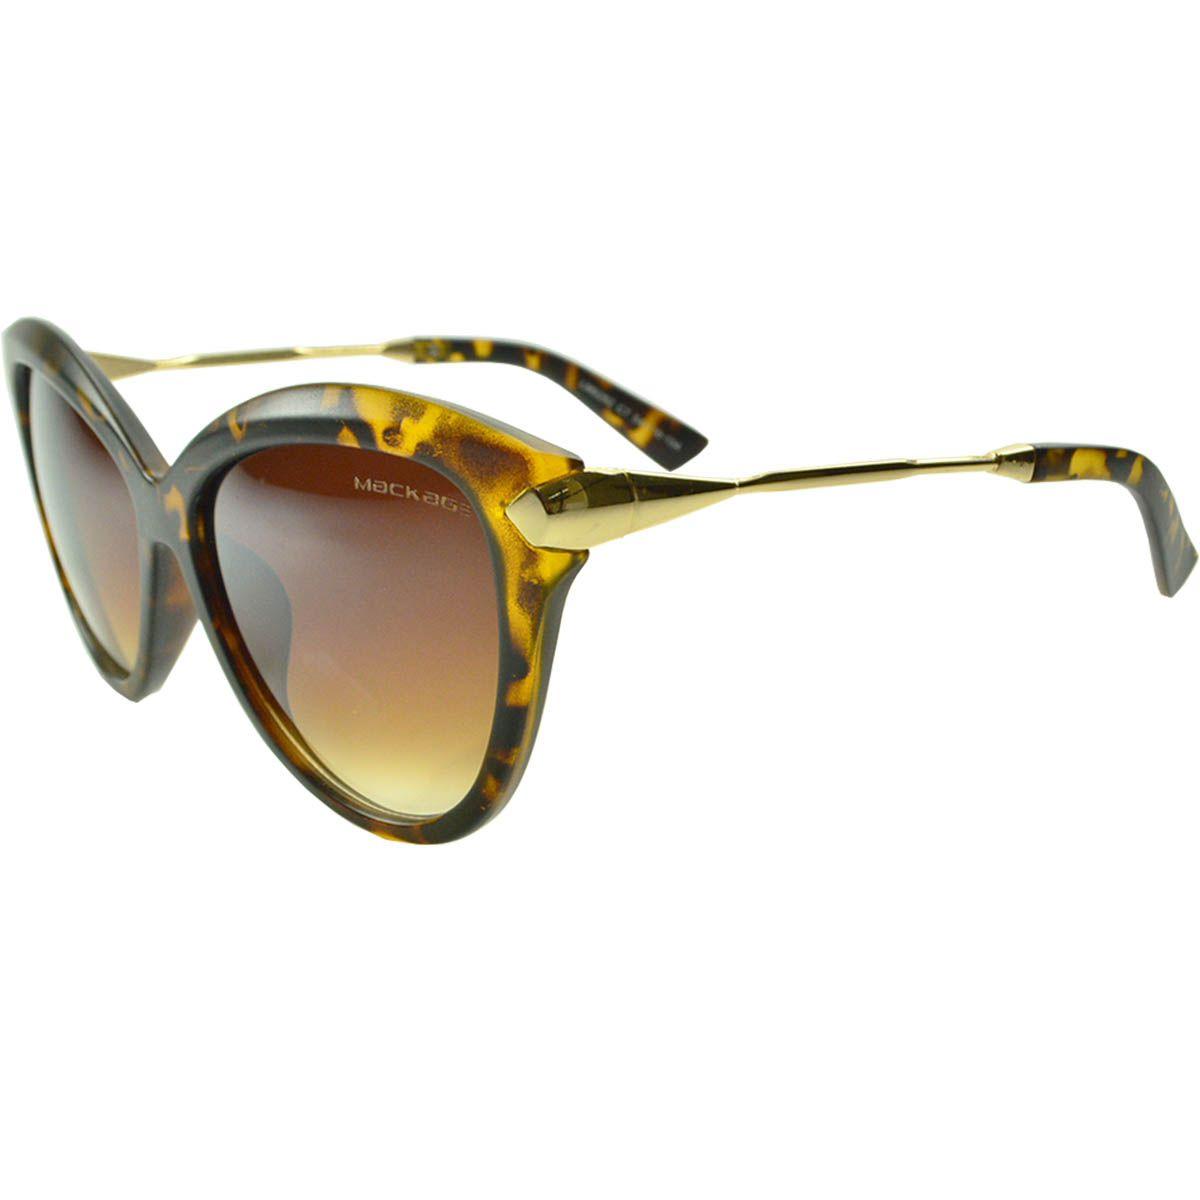 8fe81147b7390 Óculos de sol MACKAGE BRASIL